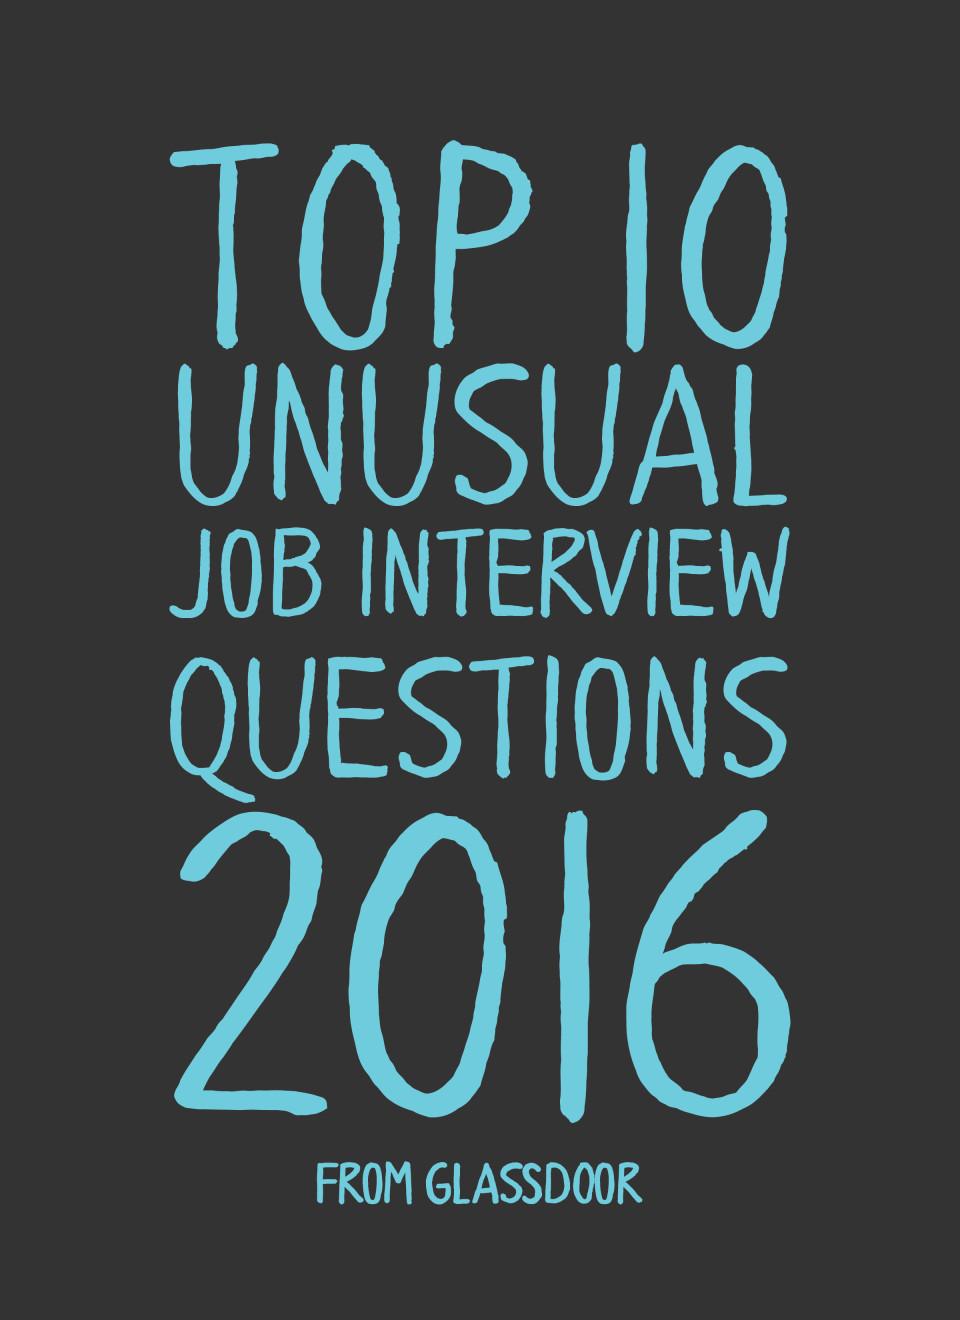 top-10-unusual-job-interview-questions